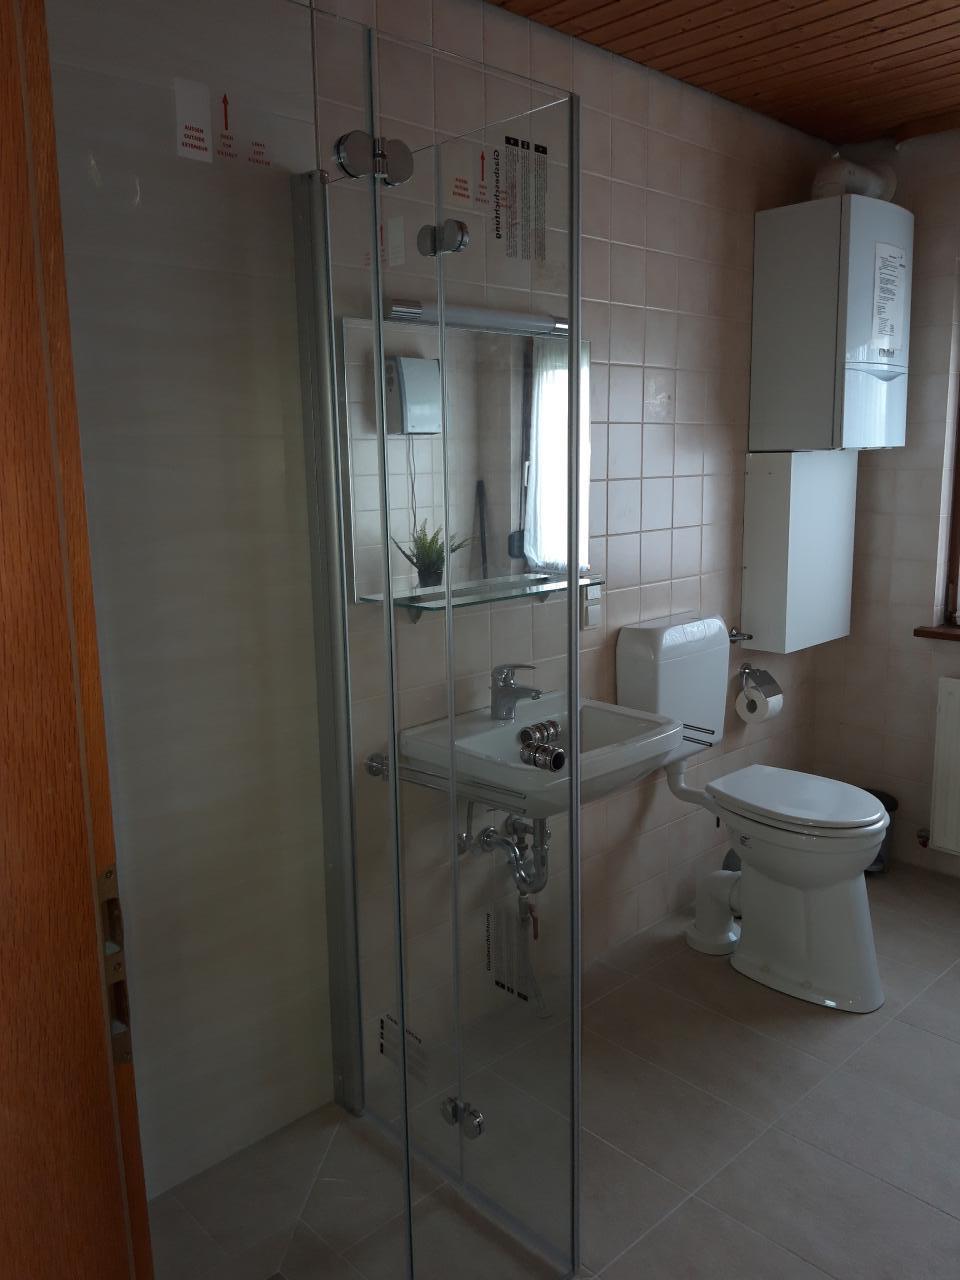 Ferienhaus / Bungalow 15 neu renoviert für 4-6 Personen in der Rhön Residence Bungalows (757460), Dipperz, Rhön (Hessen), Hessen, Deutschland, Bild 16